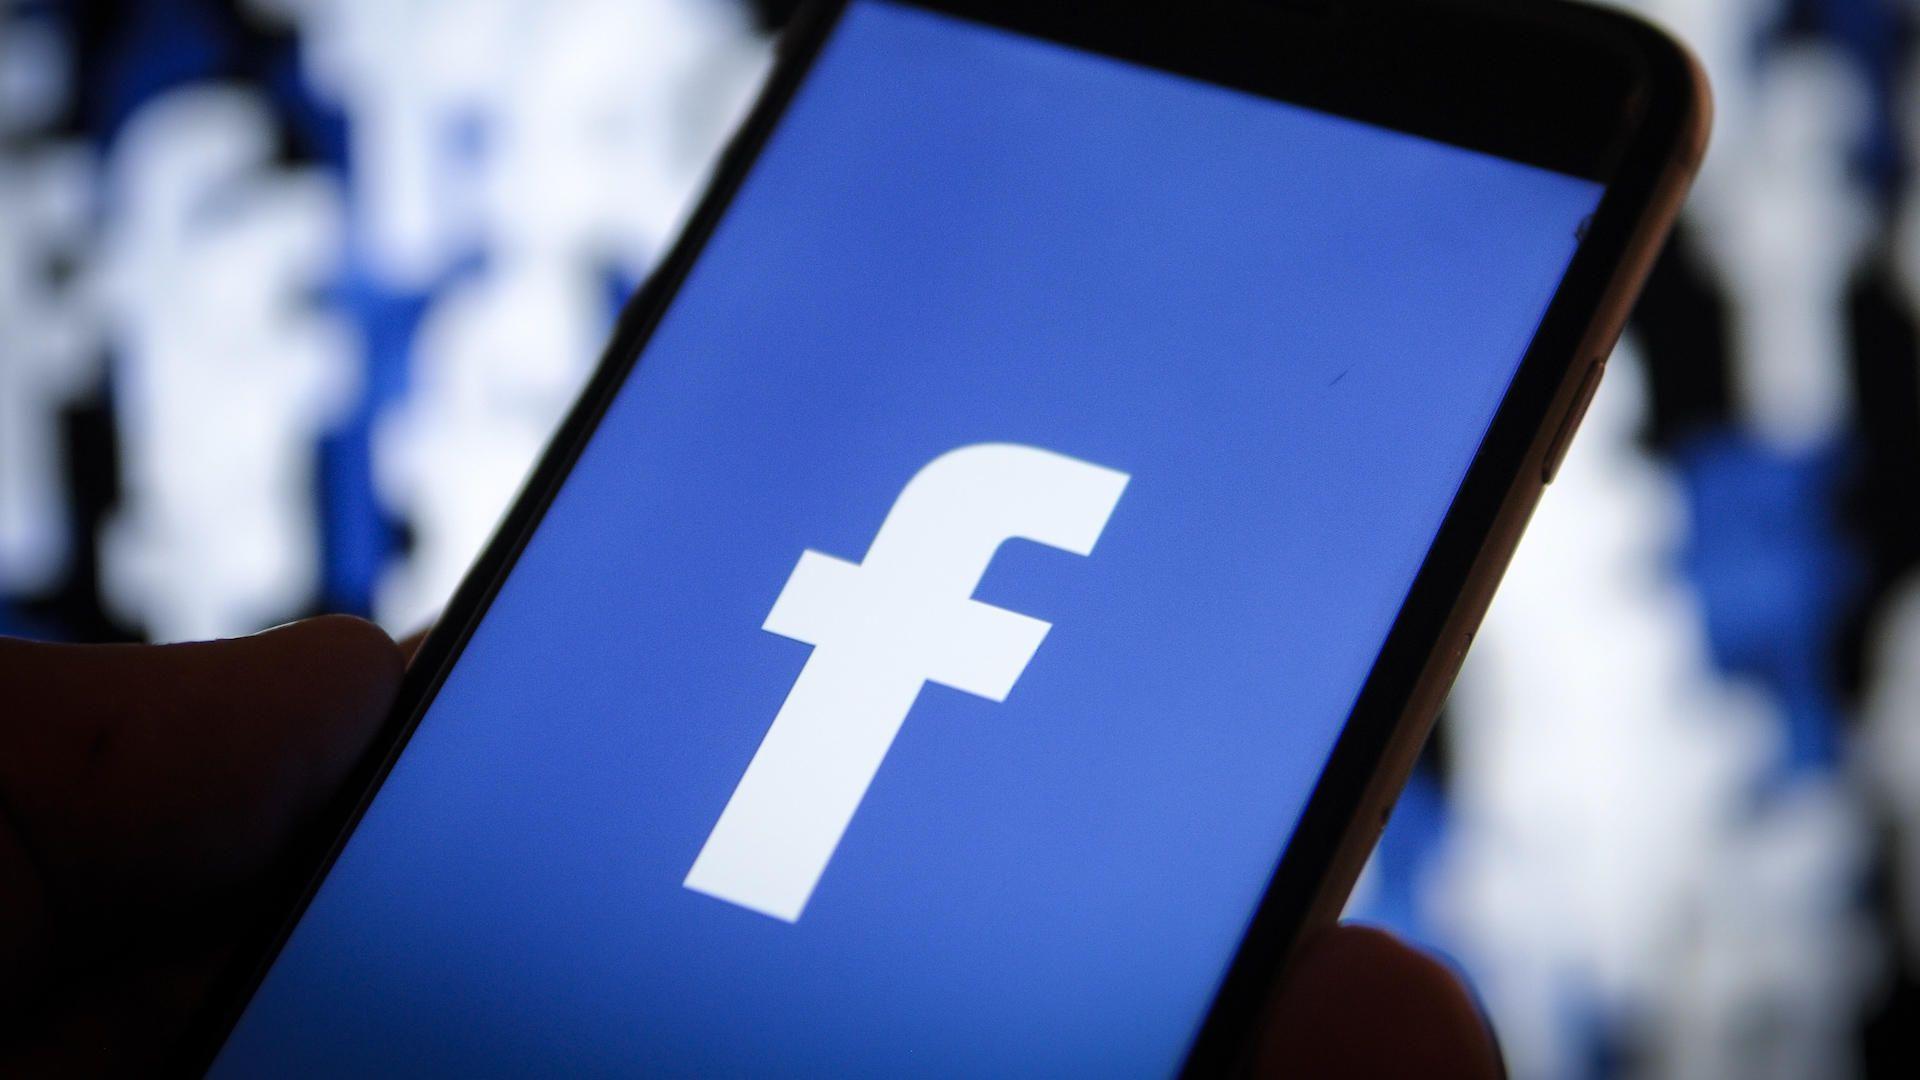 फेसबुक प्रयोगकर्ताको विवरण चुहिएपछि हजारौं एप निलम्बित